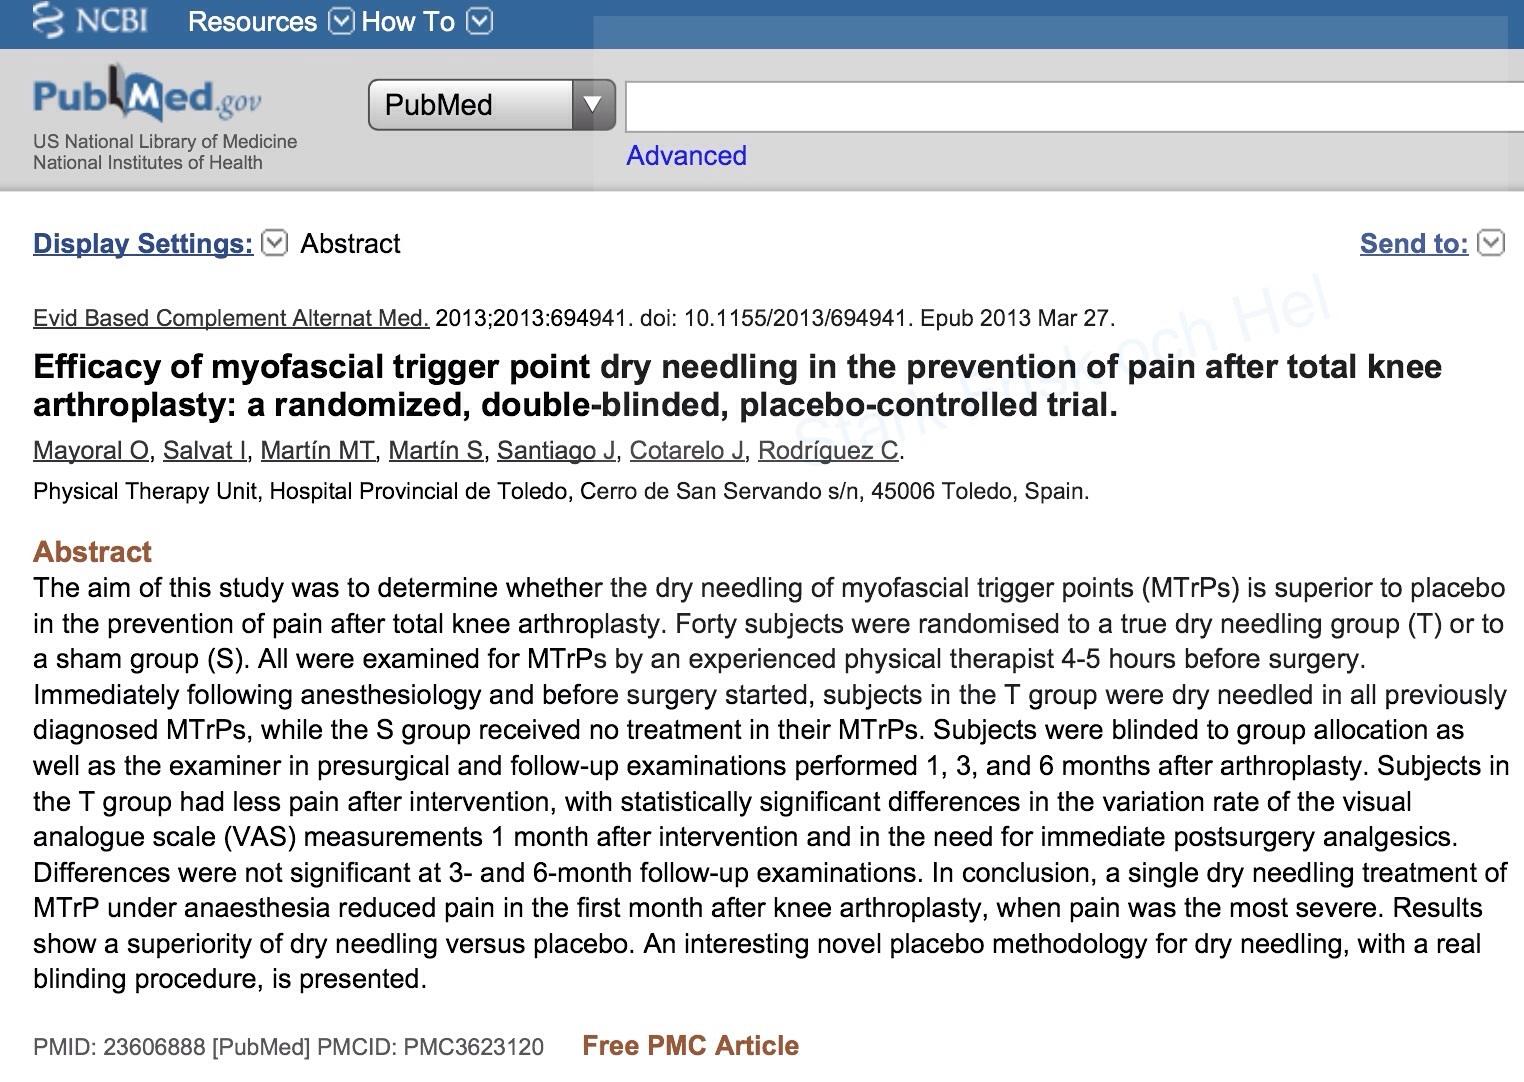 PubMed Dry Needling Smärta efter kirurgi